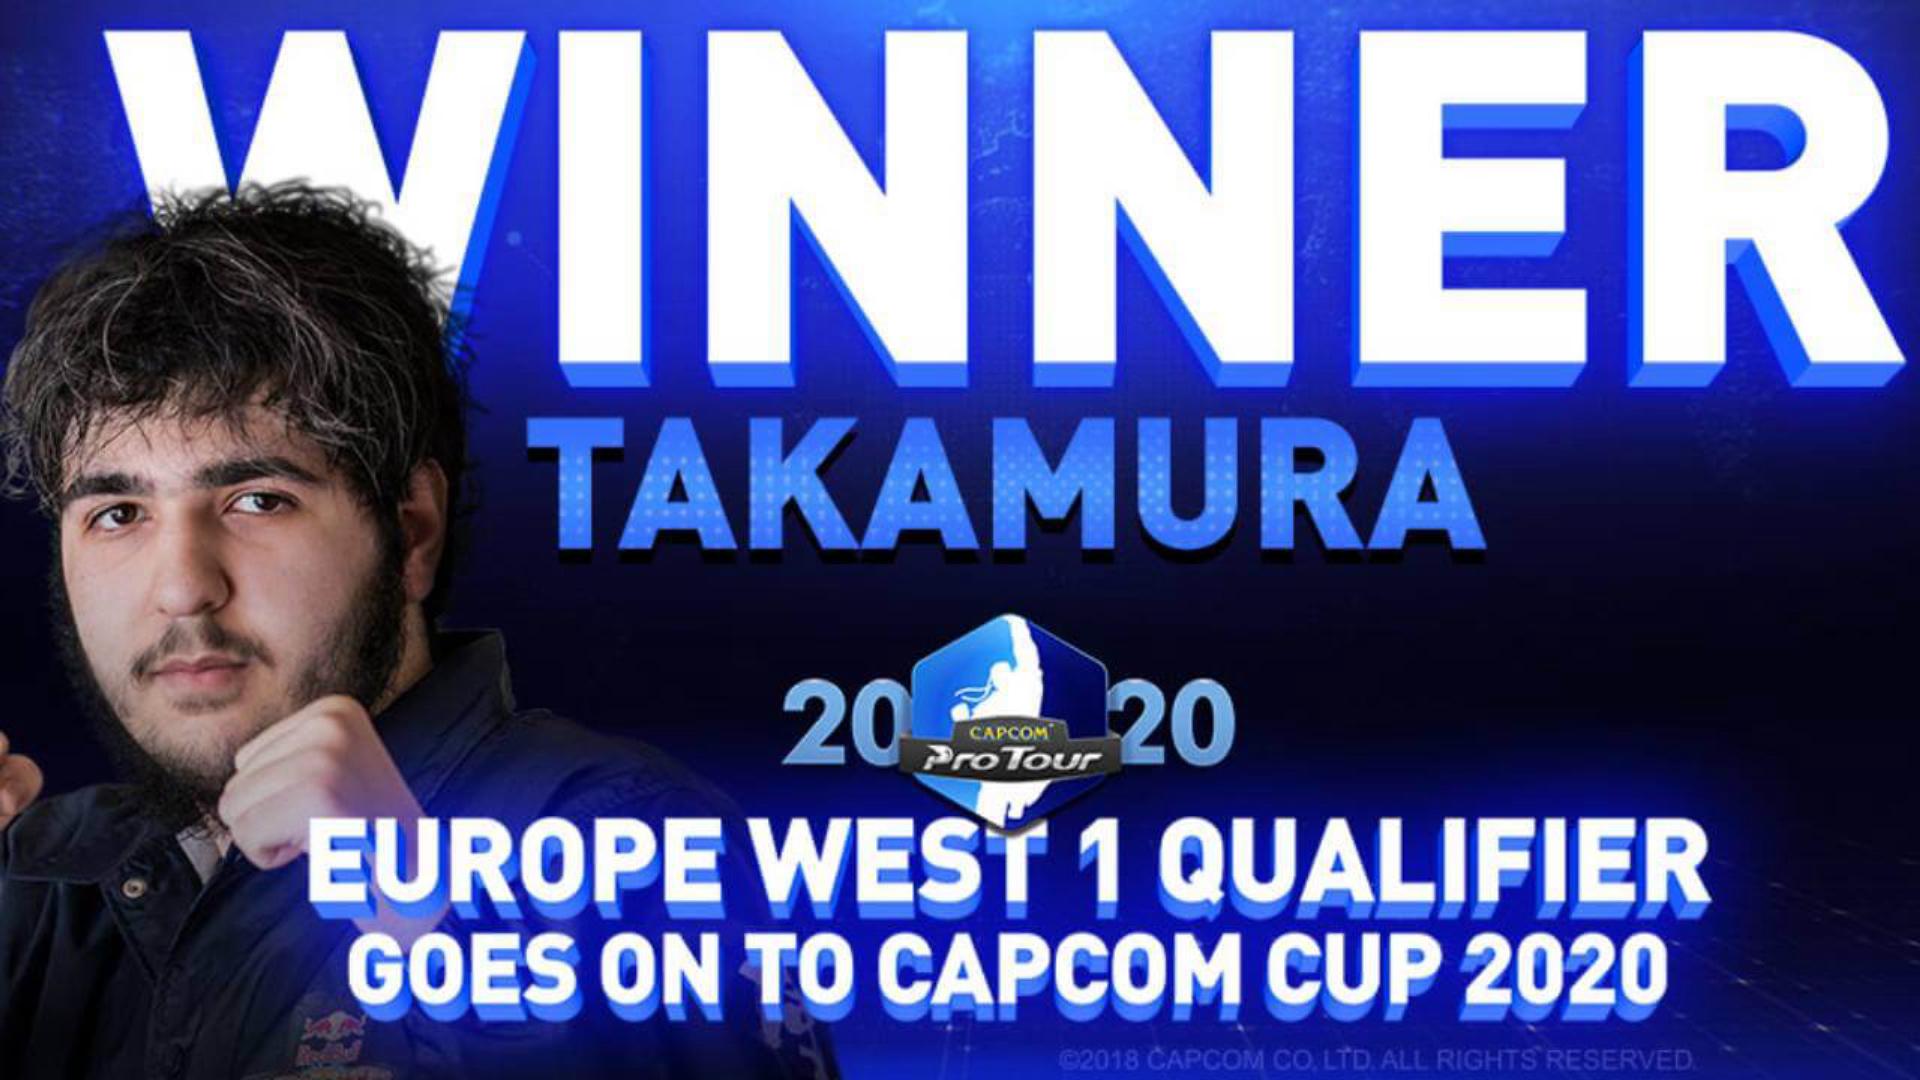 Takamura_B Wins Europe West 1 Capcom Pro Tour 2020